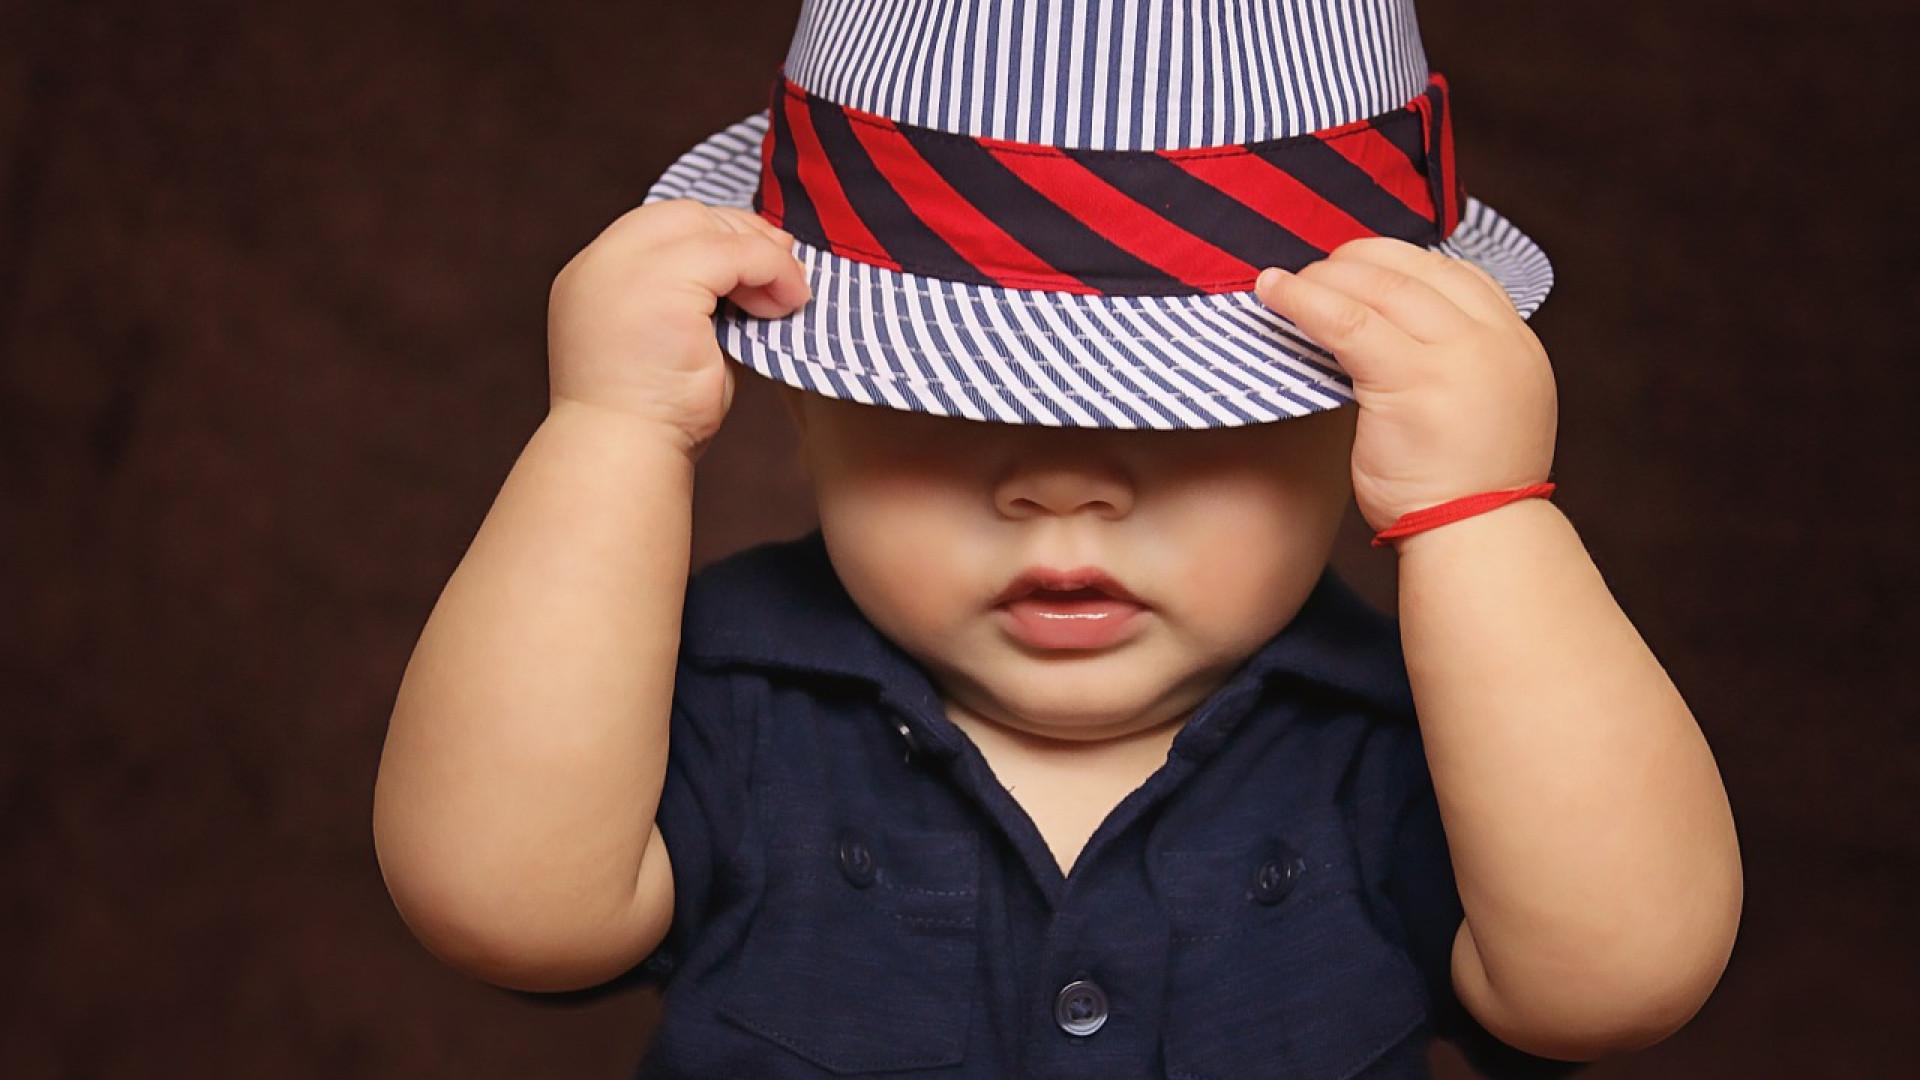 Des étiquettes pour les vêtements des enfants 4